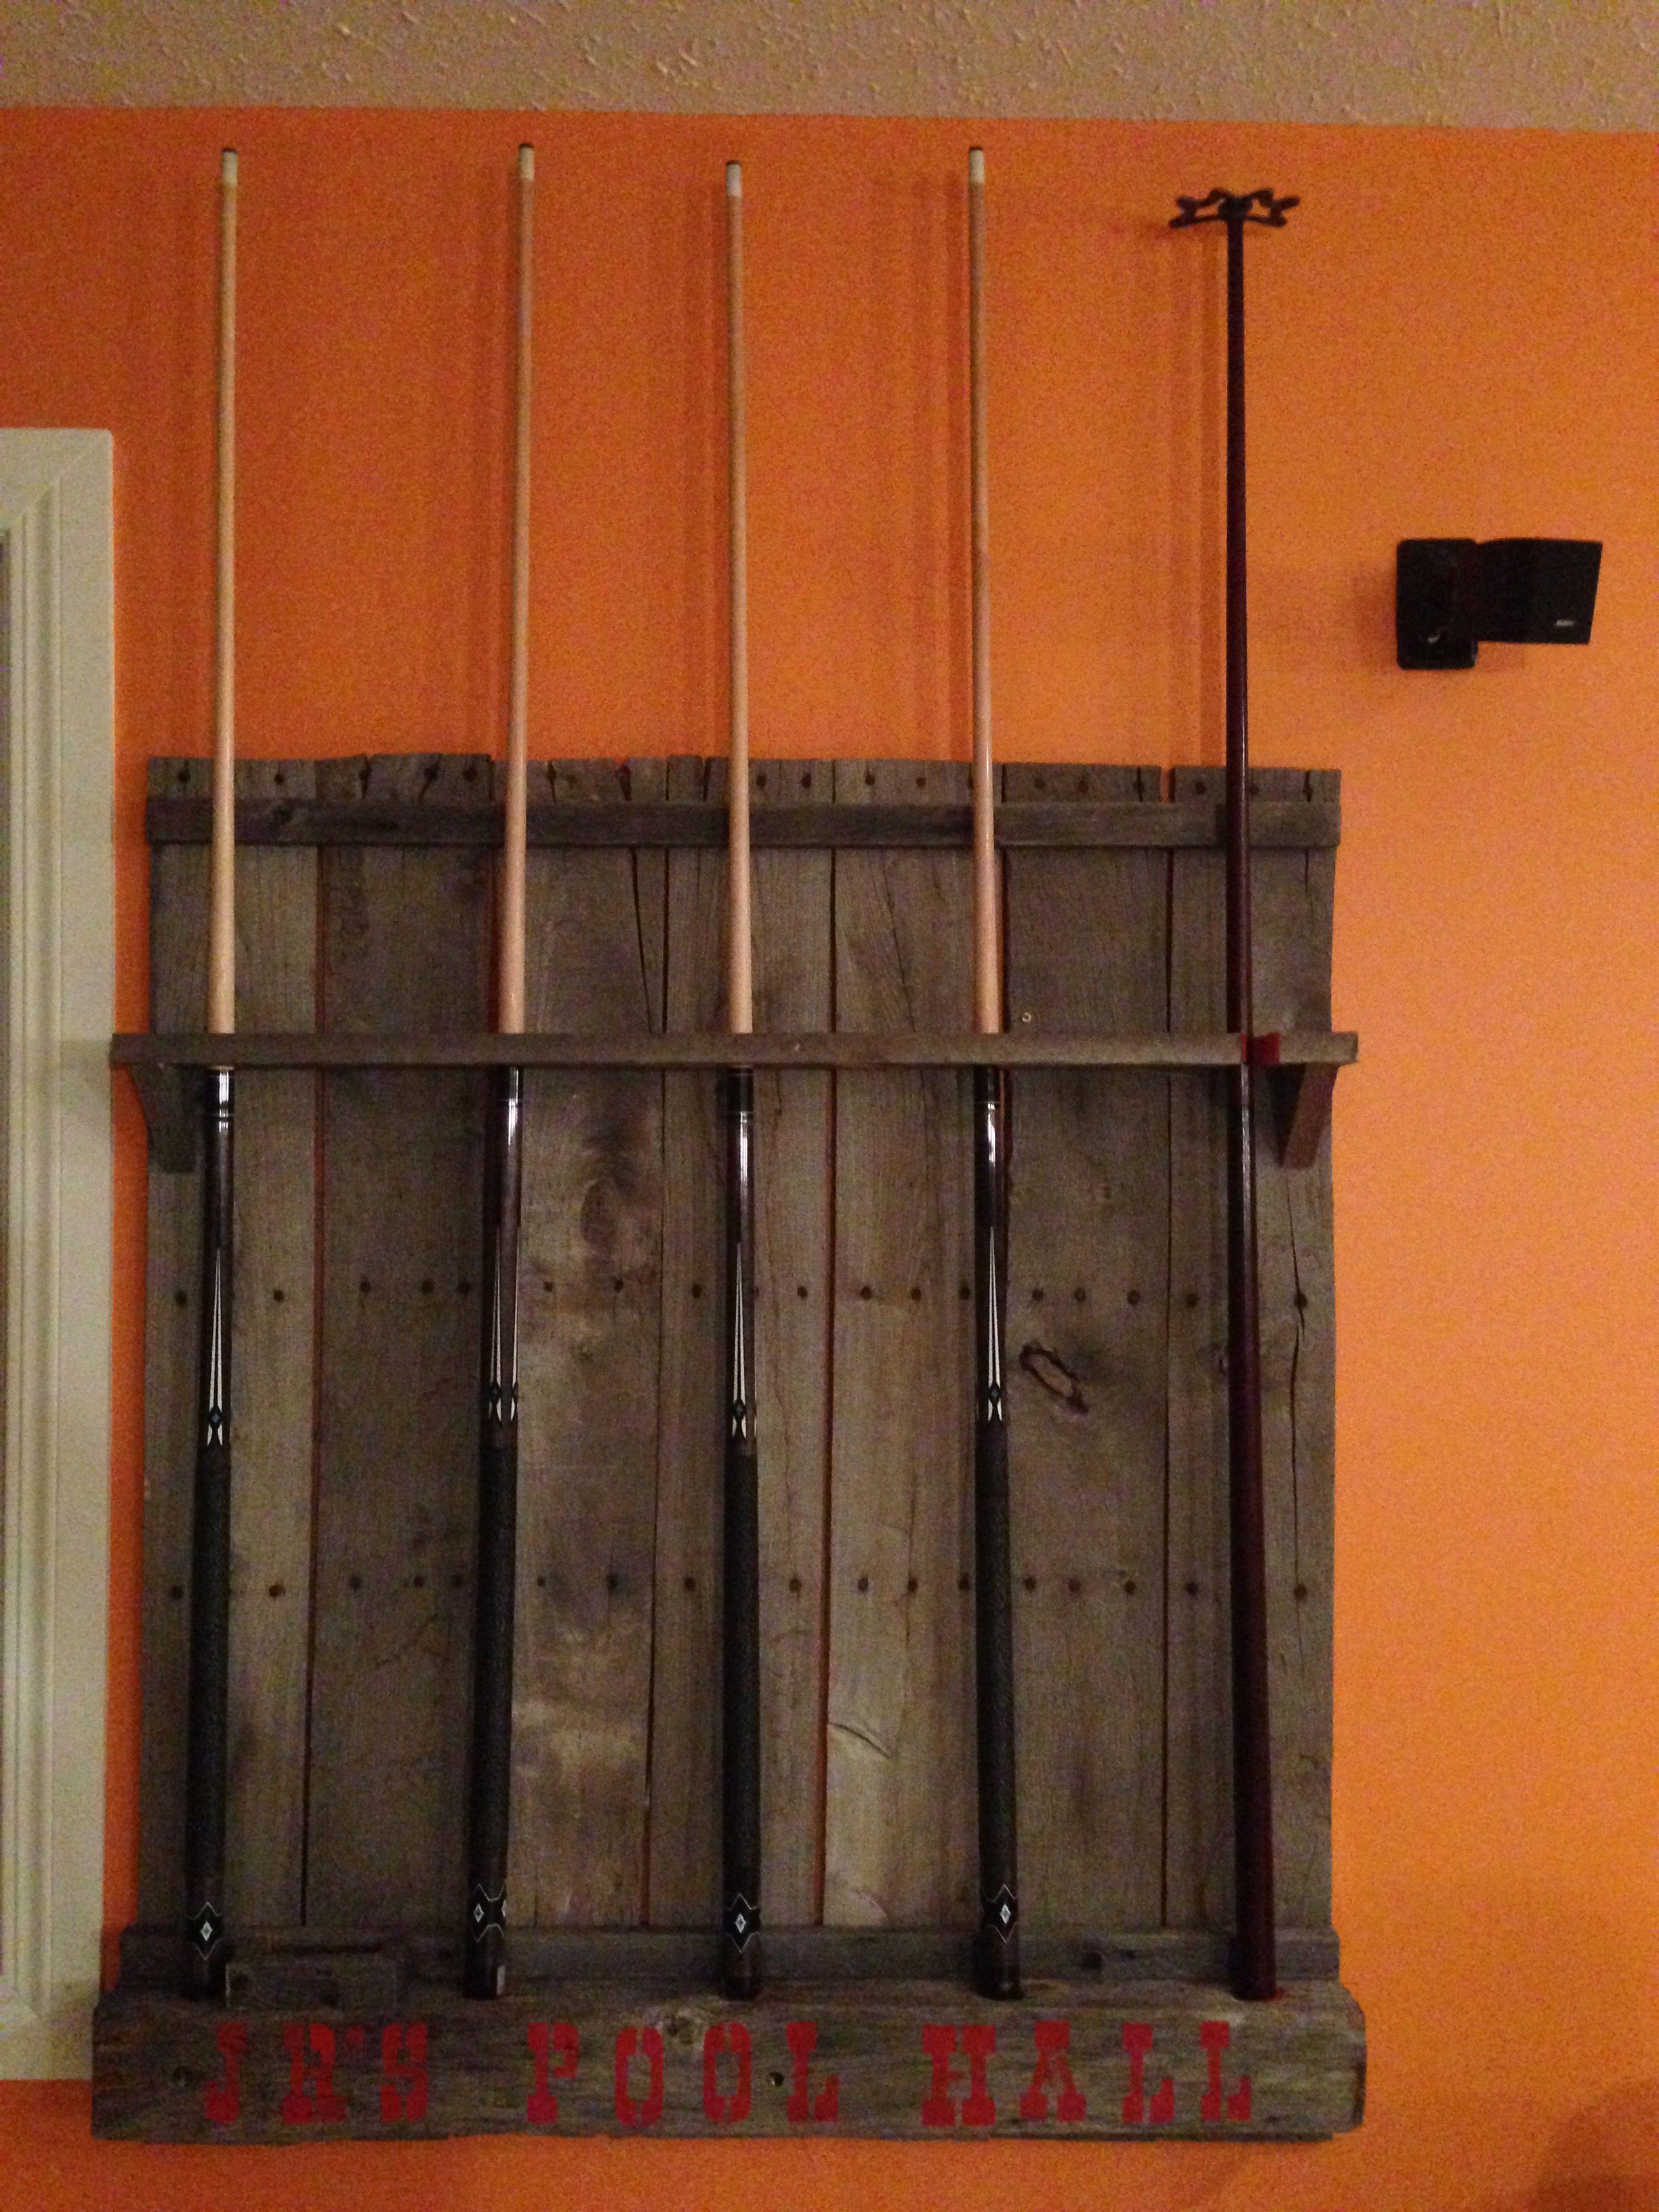 Reclaimed Wood Pool Cue Rack Used Old Bin Wood And Power Pole Pieces Pool Cue Rack Diy Pool Pool Sticks